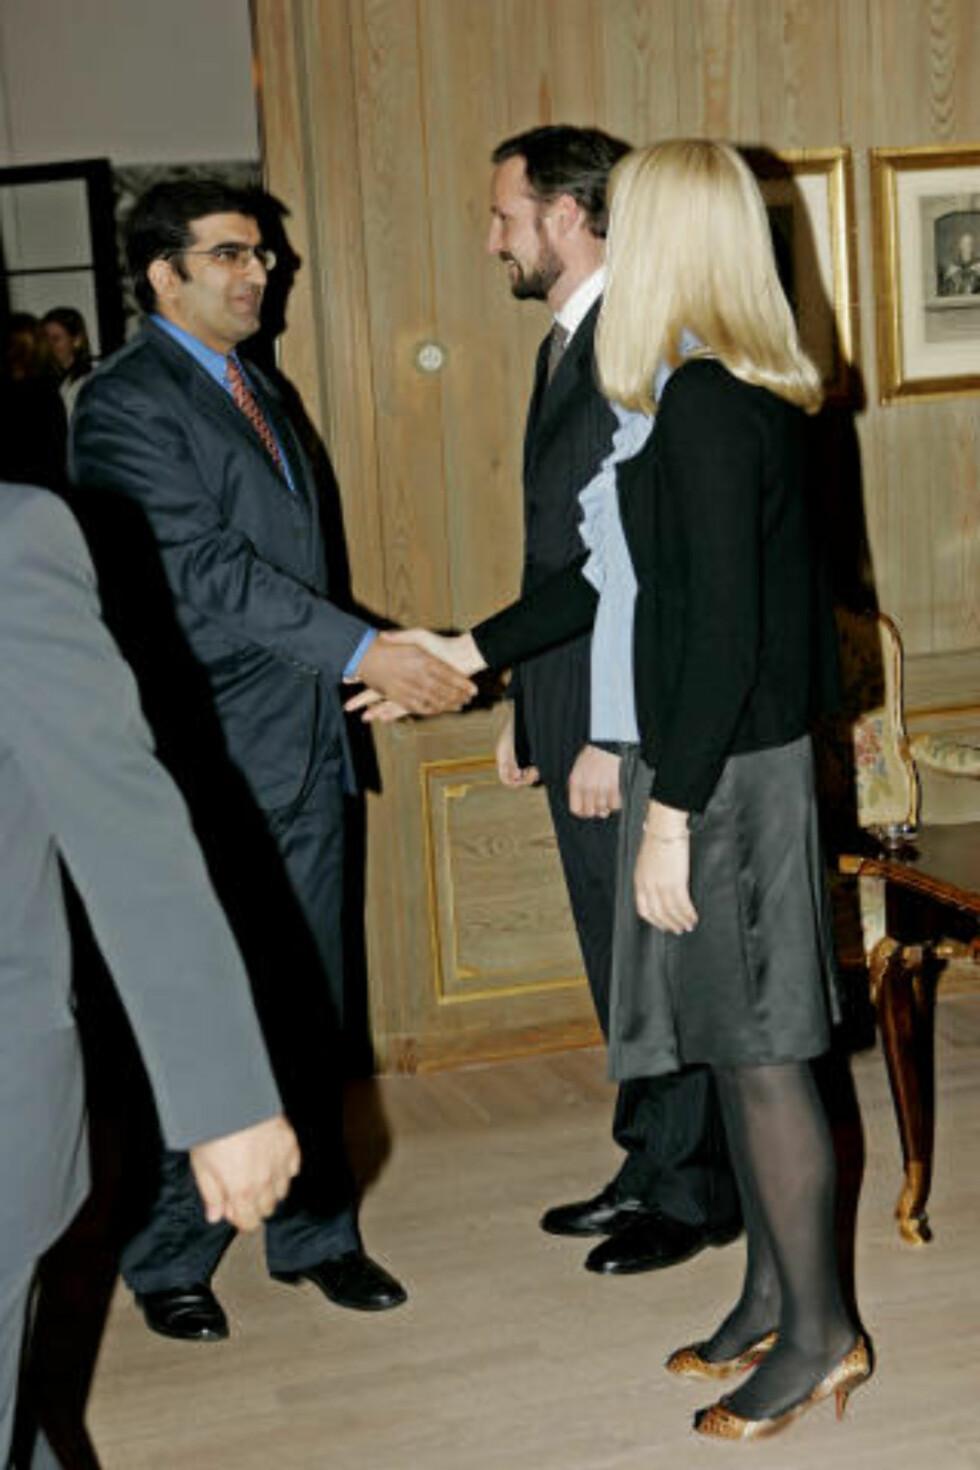 KULTURELL FRIHET: I 2007 holdt Shoiab Sultan foredrag om kulturell frihet for kronprins Haakon og kronprinsesse Mette-Marit med påfølgende middag på Skaugum. Foto:  Stian Lysberg Solum / SCANPIX